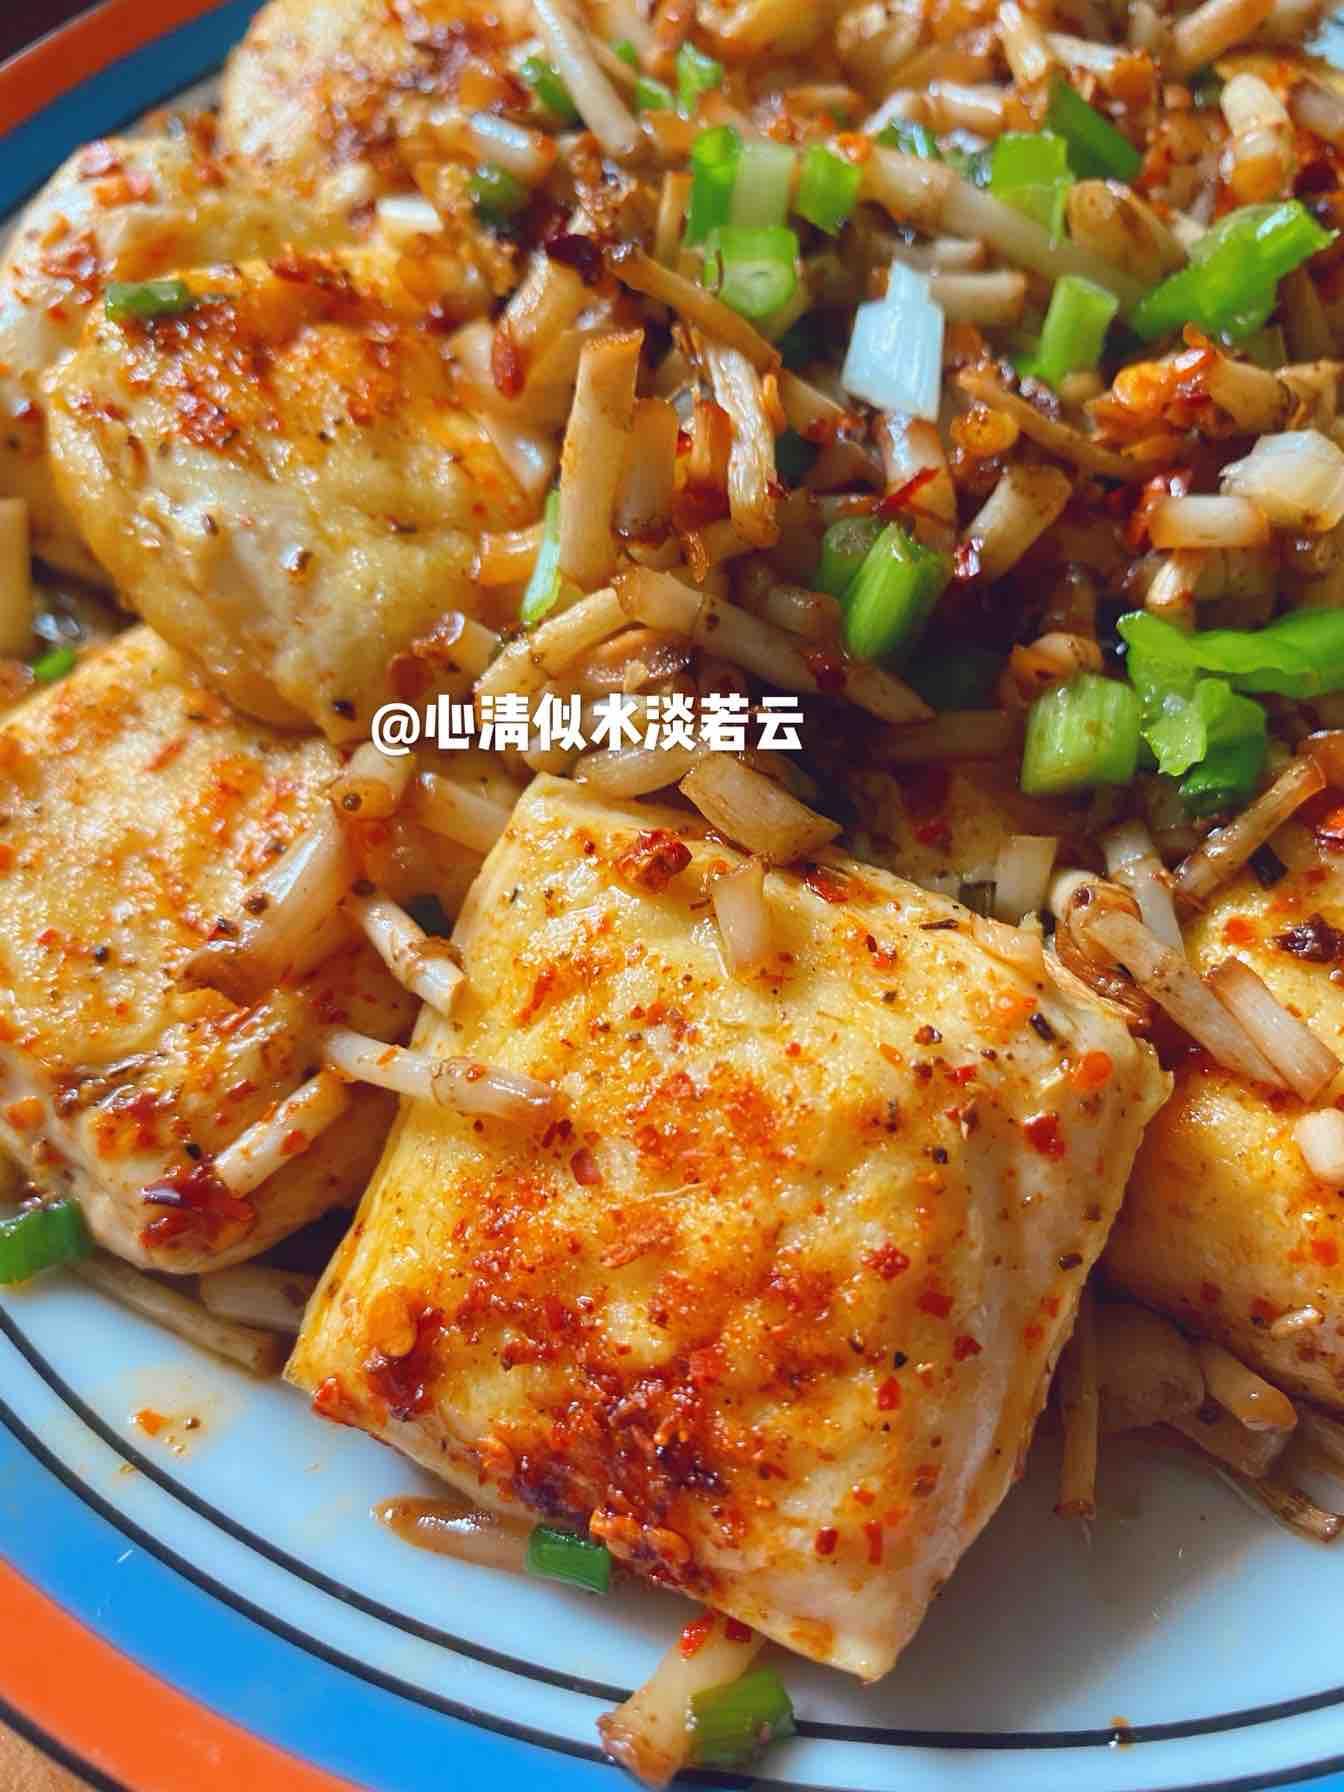 包浆豆腐成品图